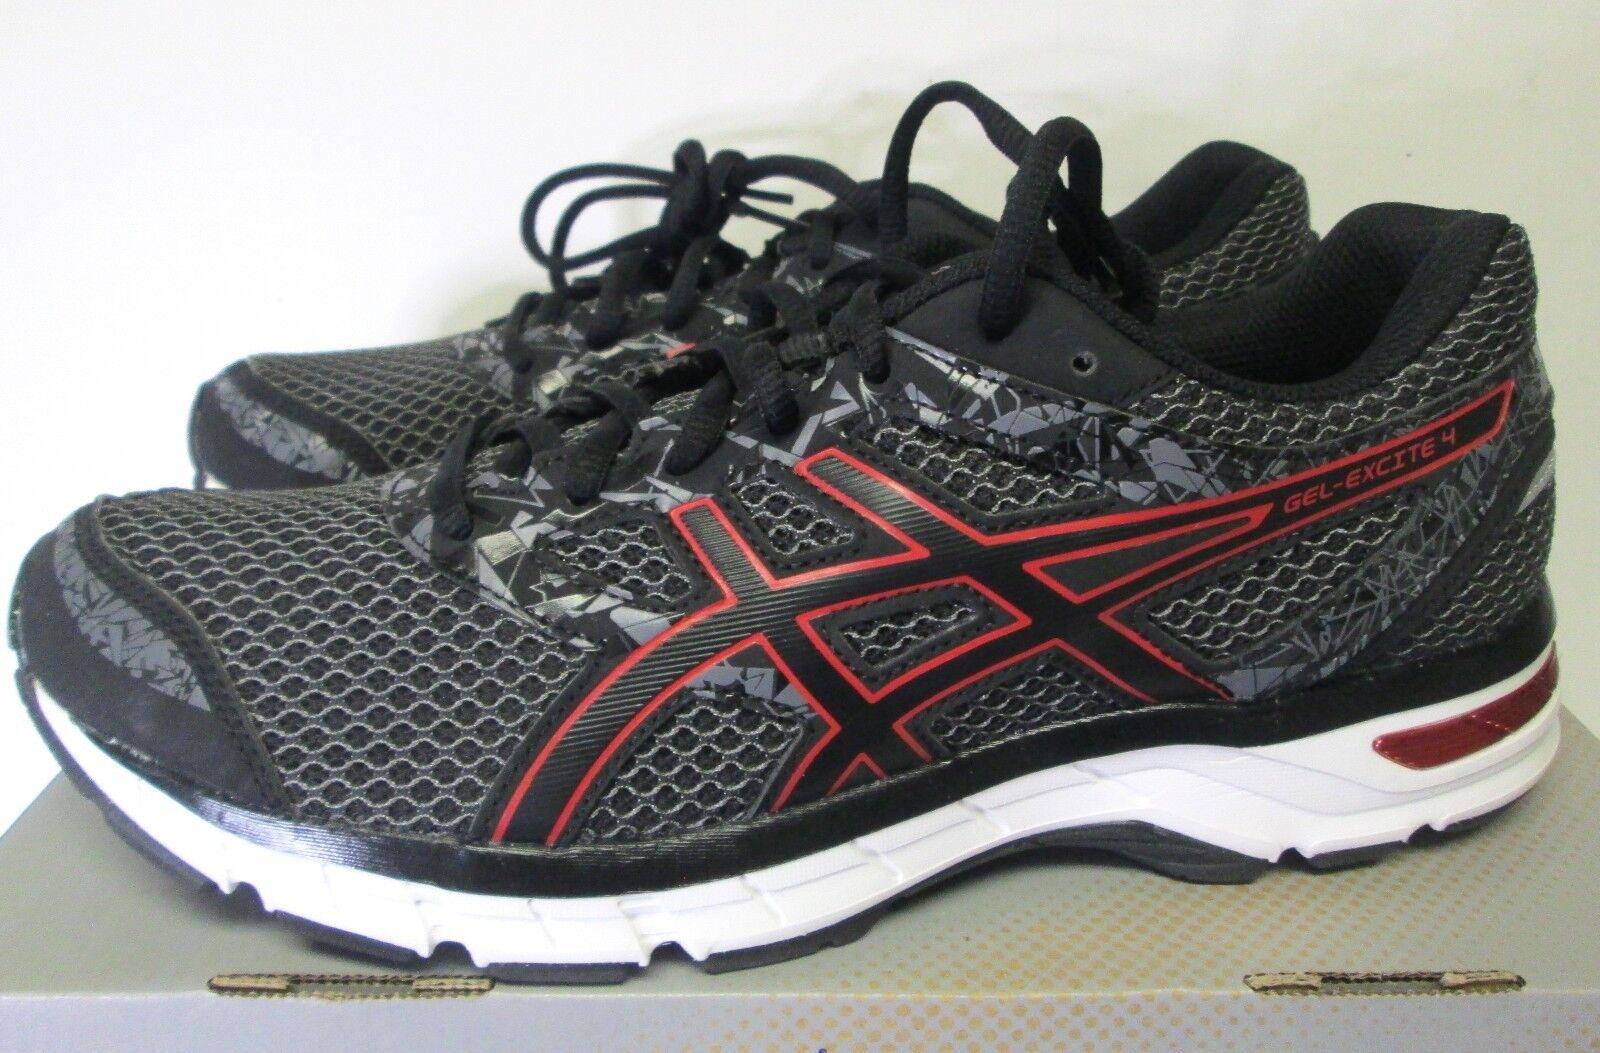 Para Hombre Zapatos Asics Gel Excite 4  Sz 8.5 Negro Rojo T6E3N 9023  nuevo   gran descuento